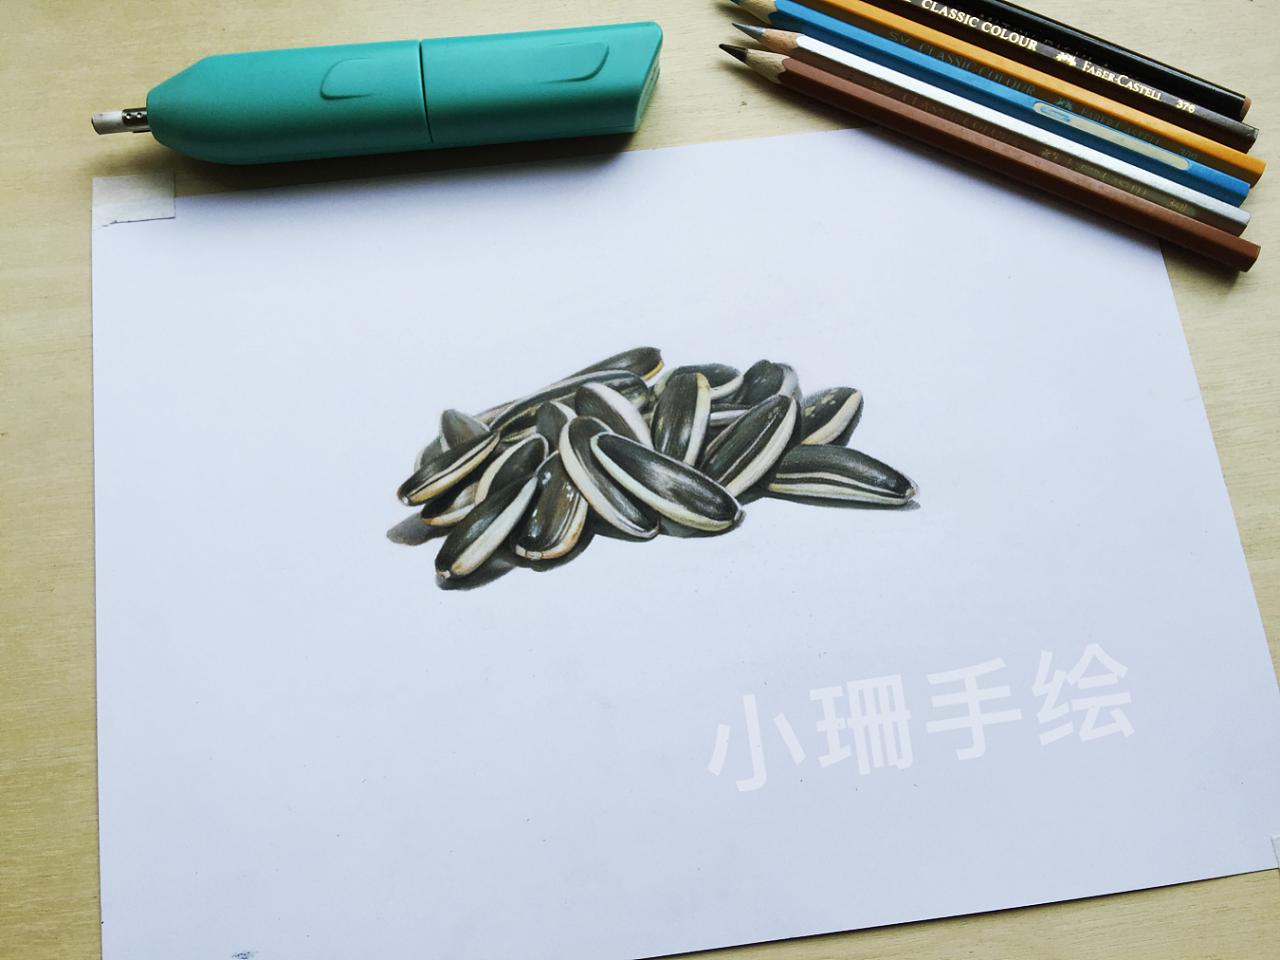 彩铅手绘饱满的瓜子 步骤图分享